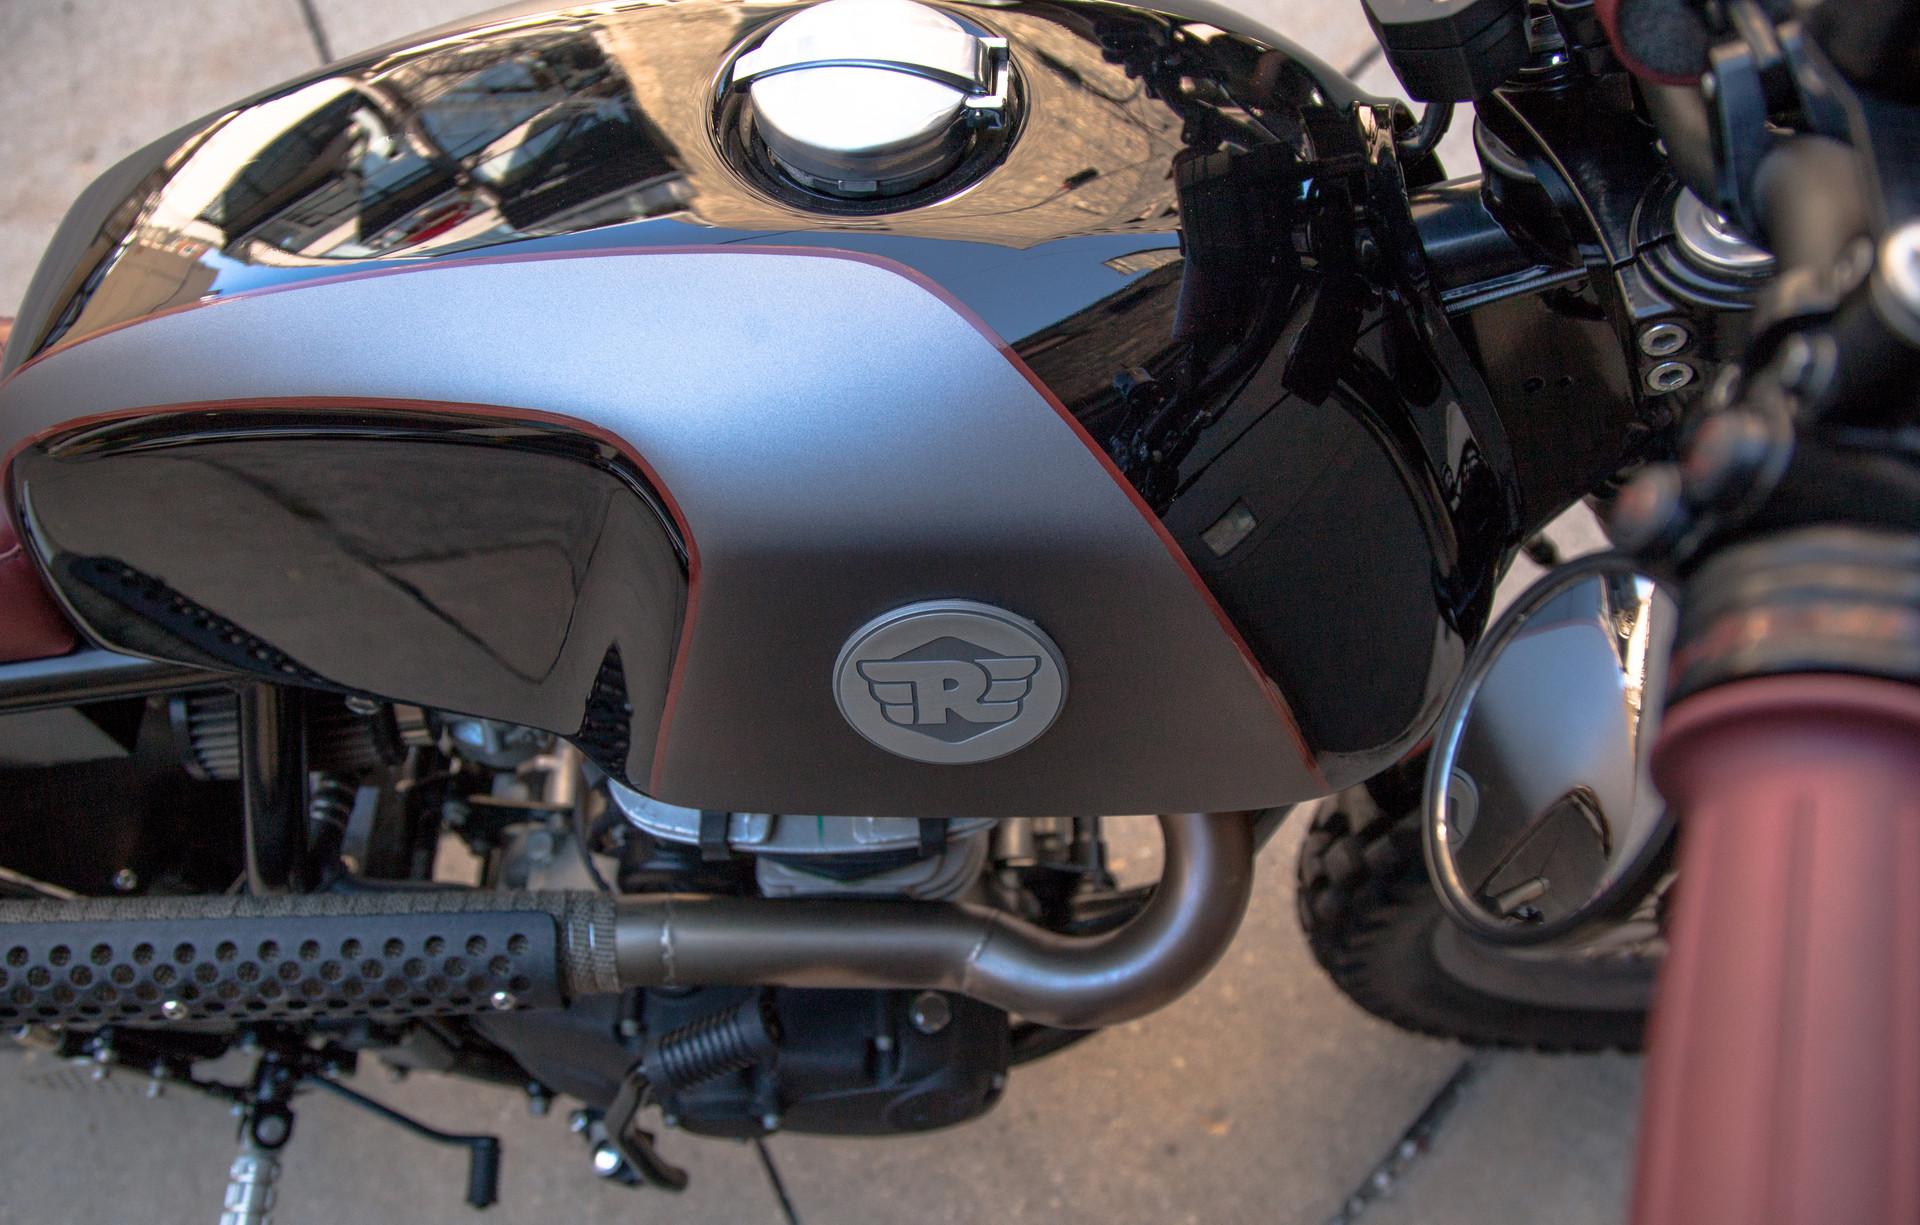 Royal Enfield - Analog Motorcycles Custom